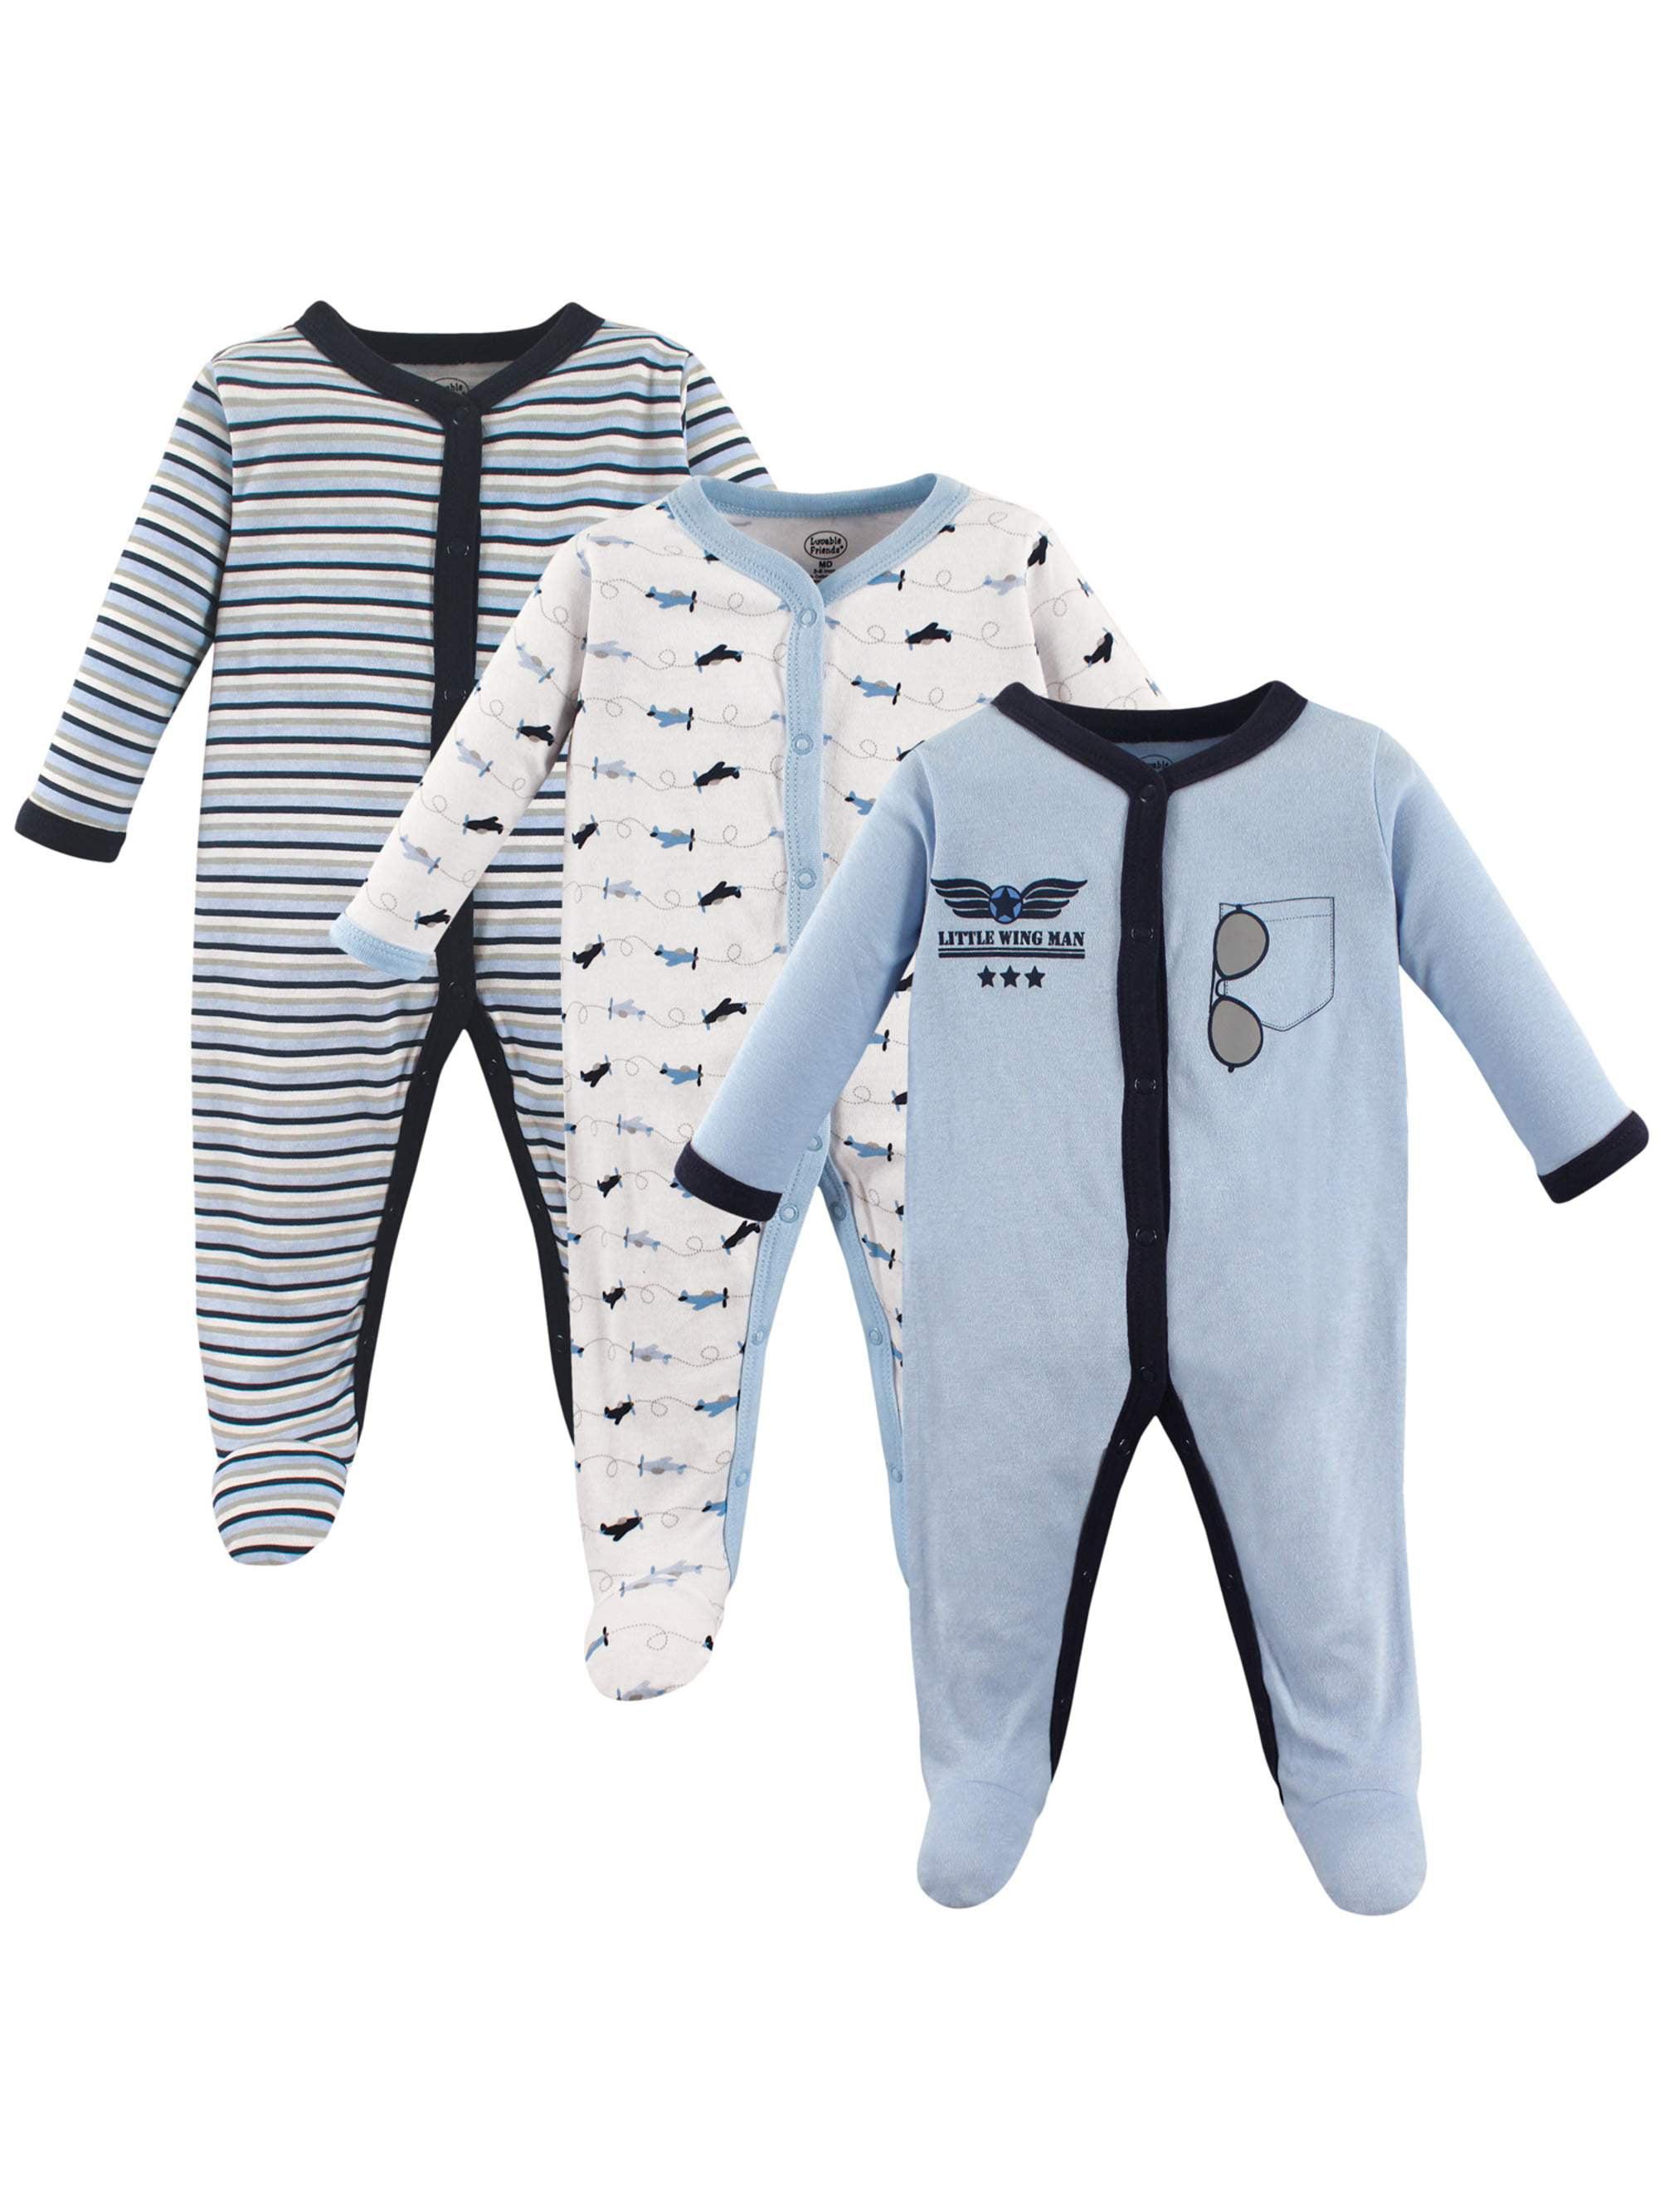 Baby Boy Sleep 'N Play, 3-pack